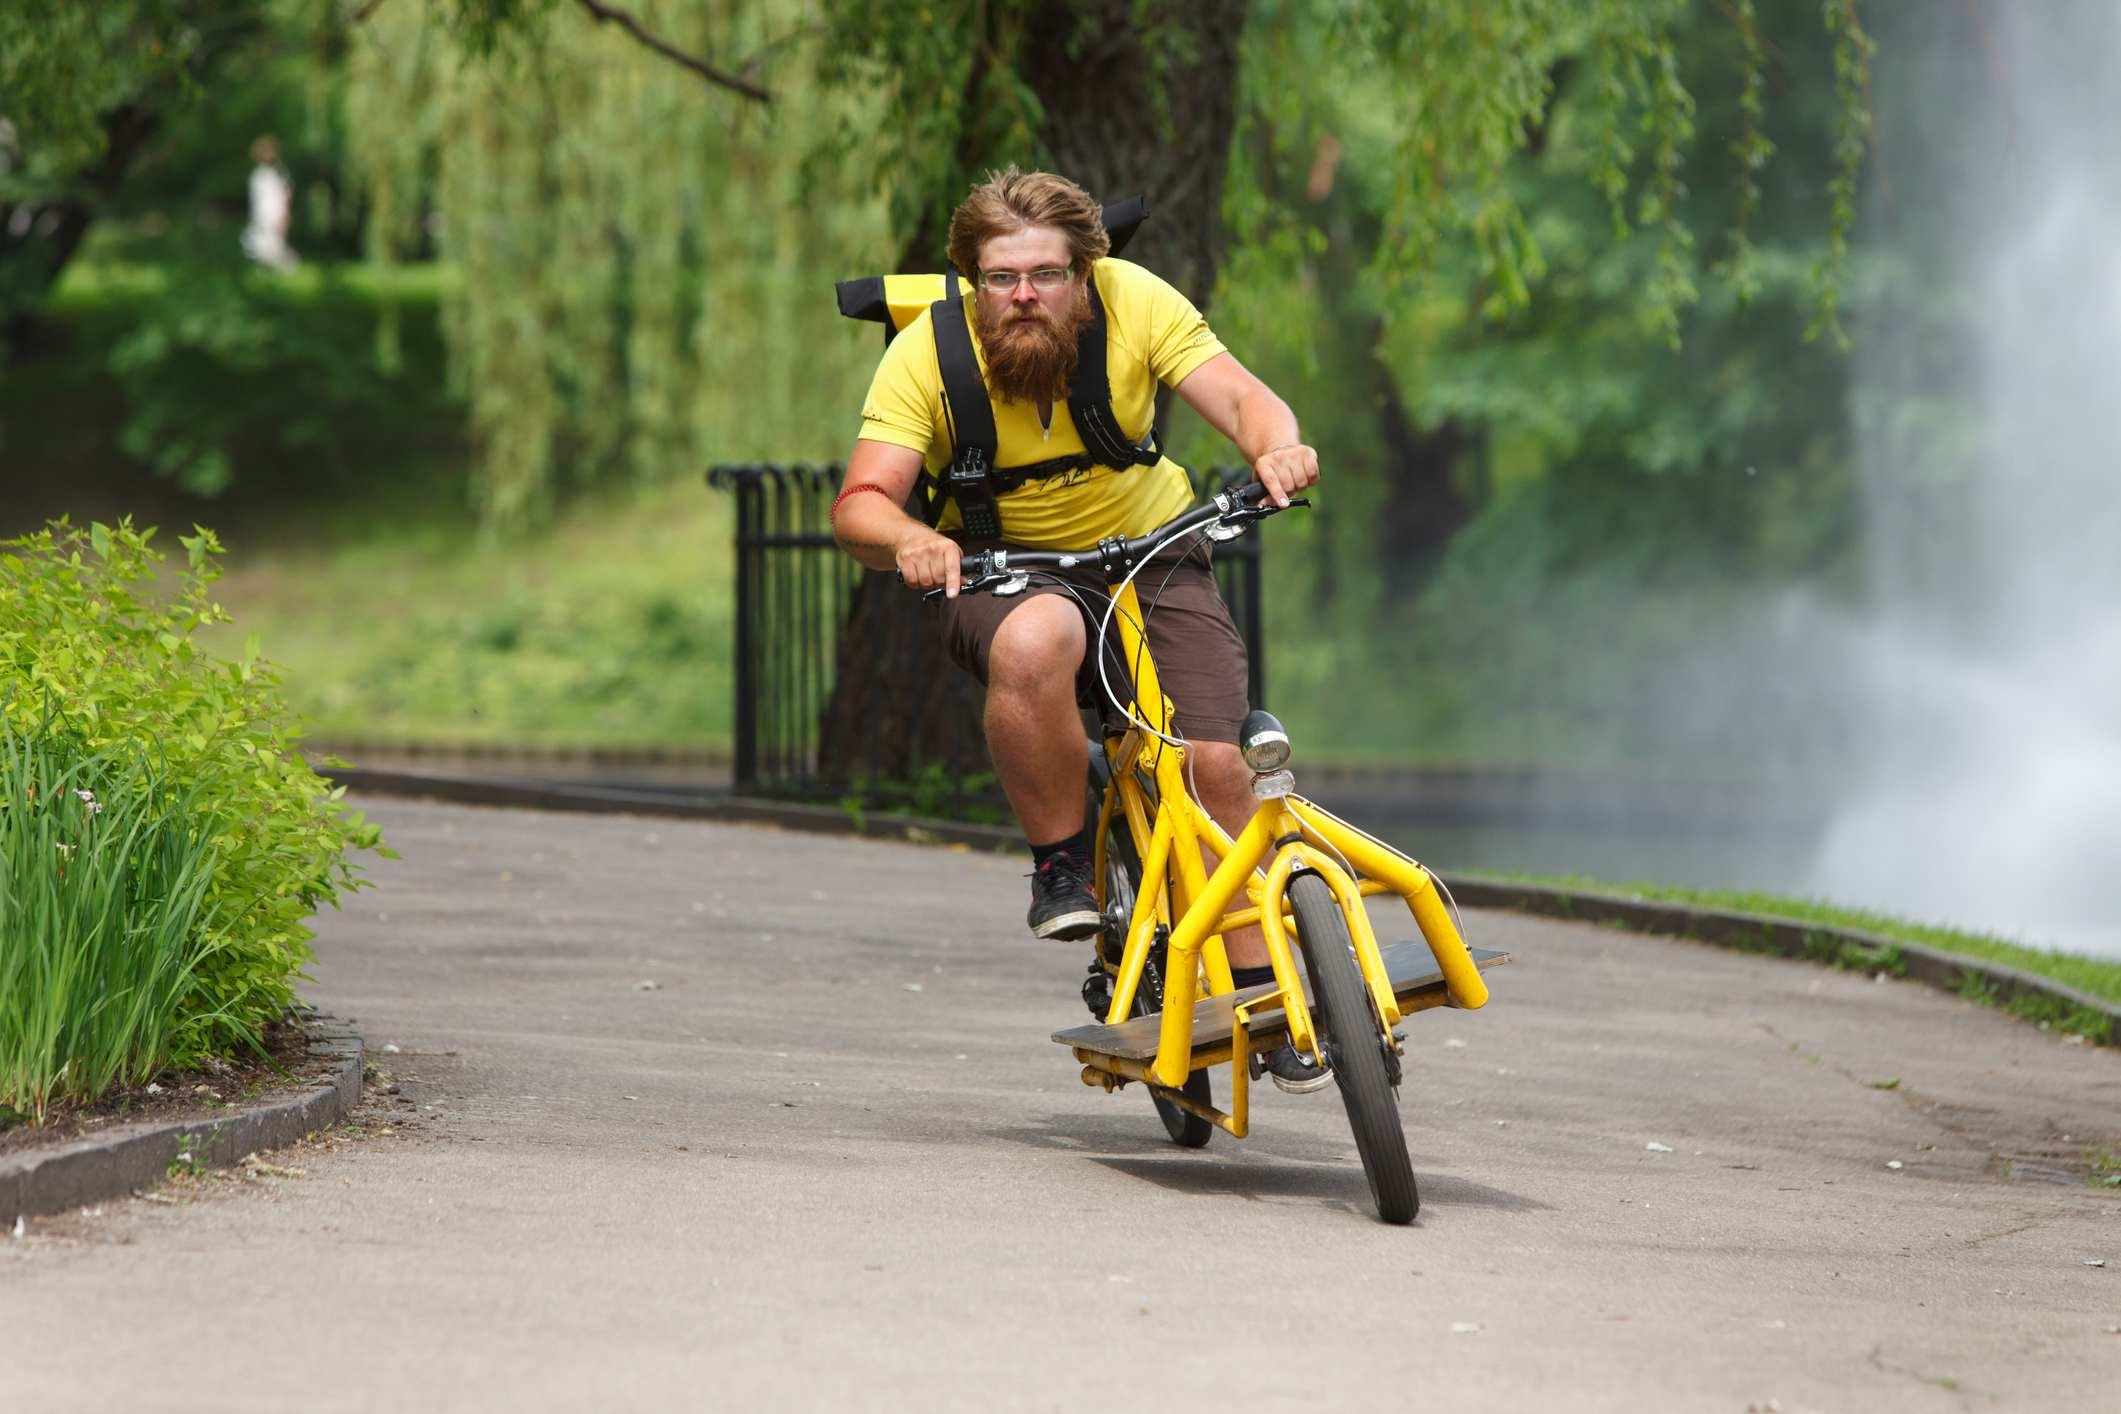 Mann som sykler gjennom en park på en gul elsykkel med lastebrett foran